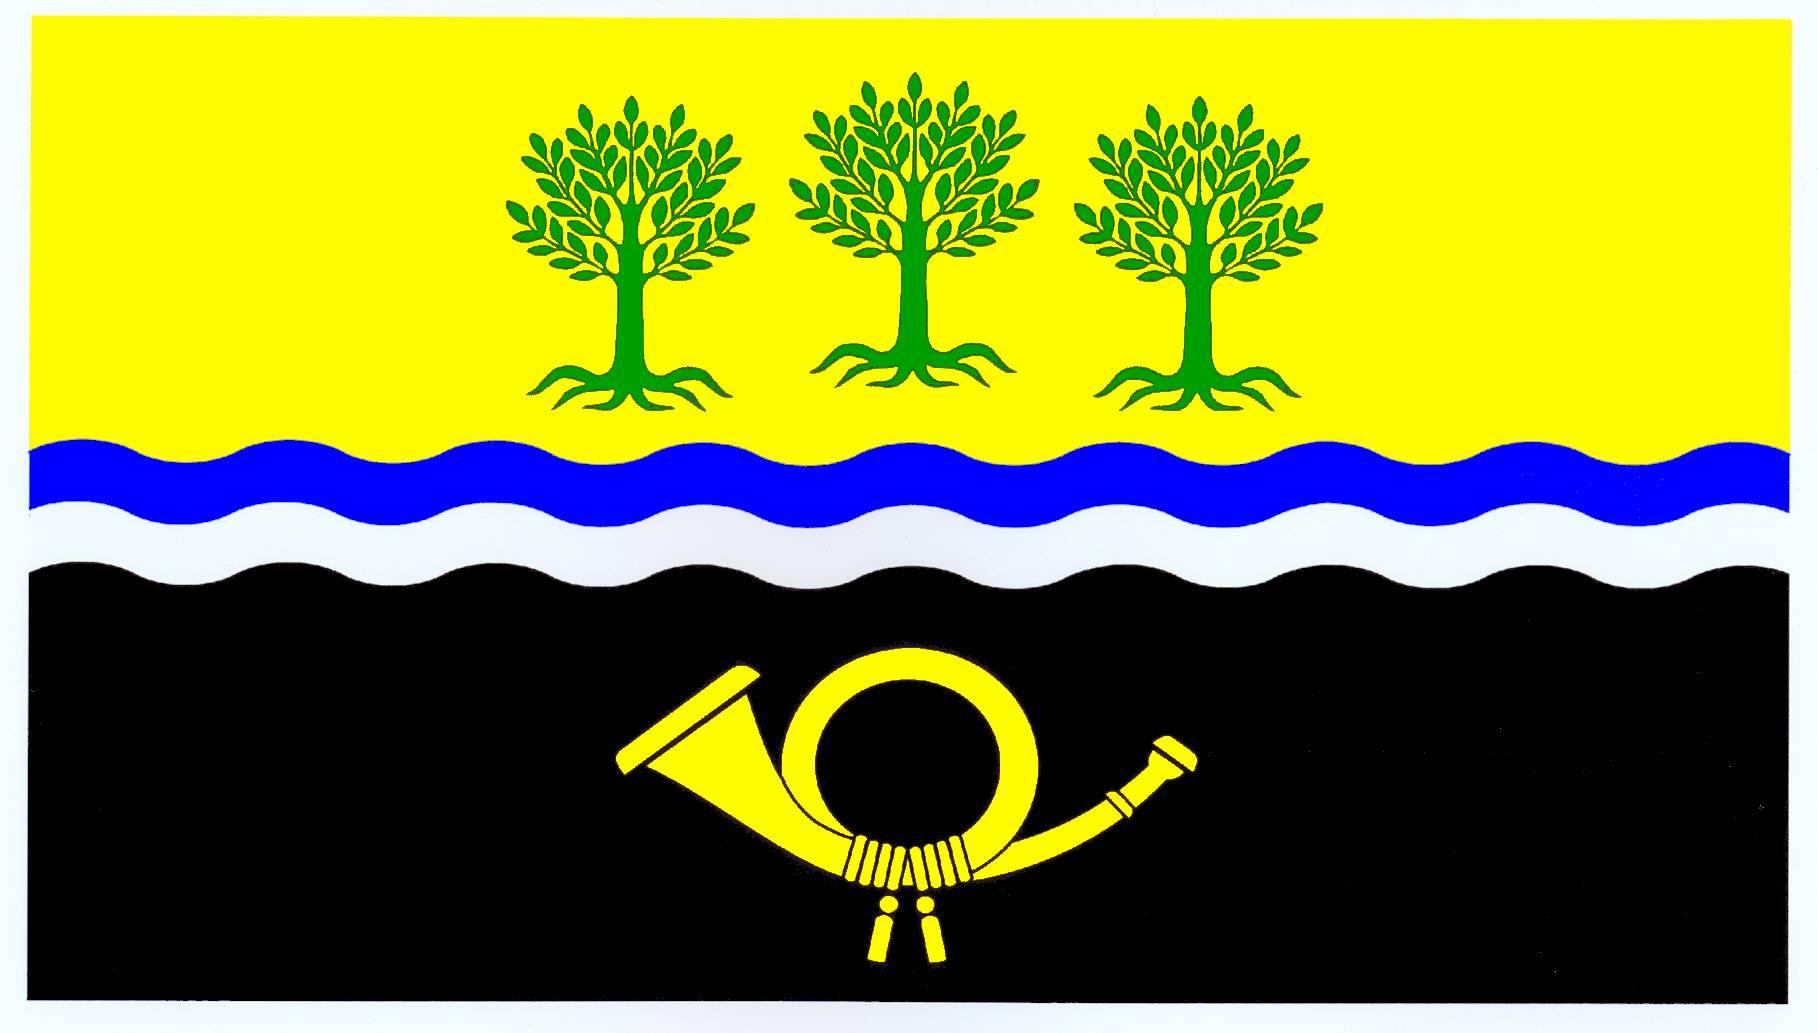 Flagge GemeindeSchönberg, Kreis Herzogtum Lauenburg